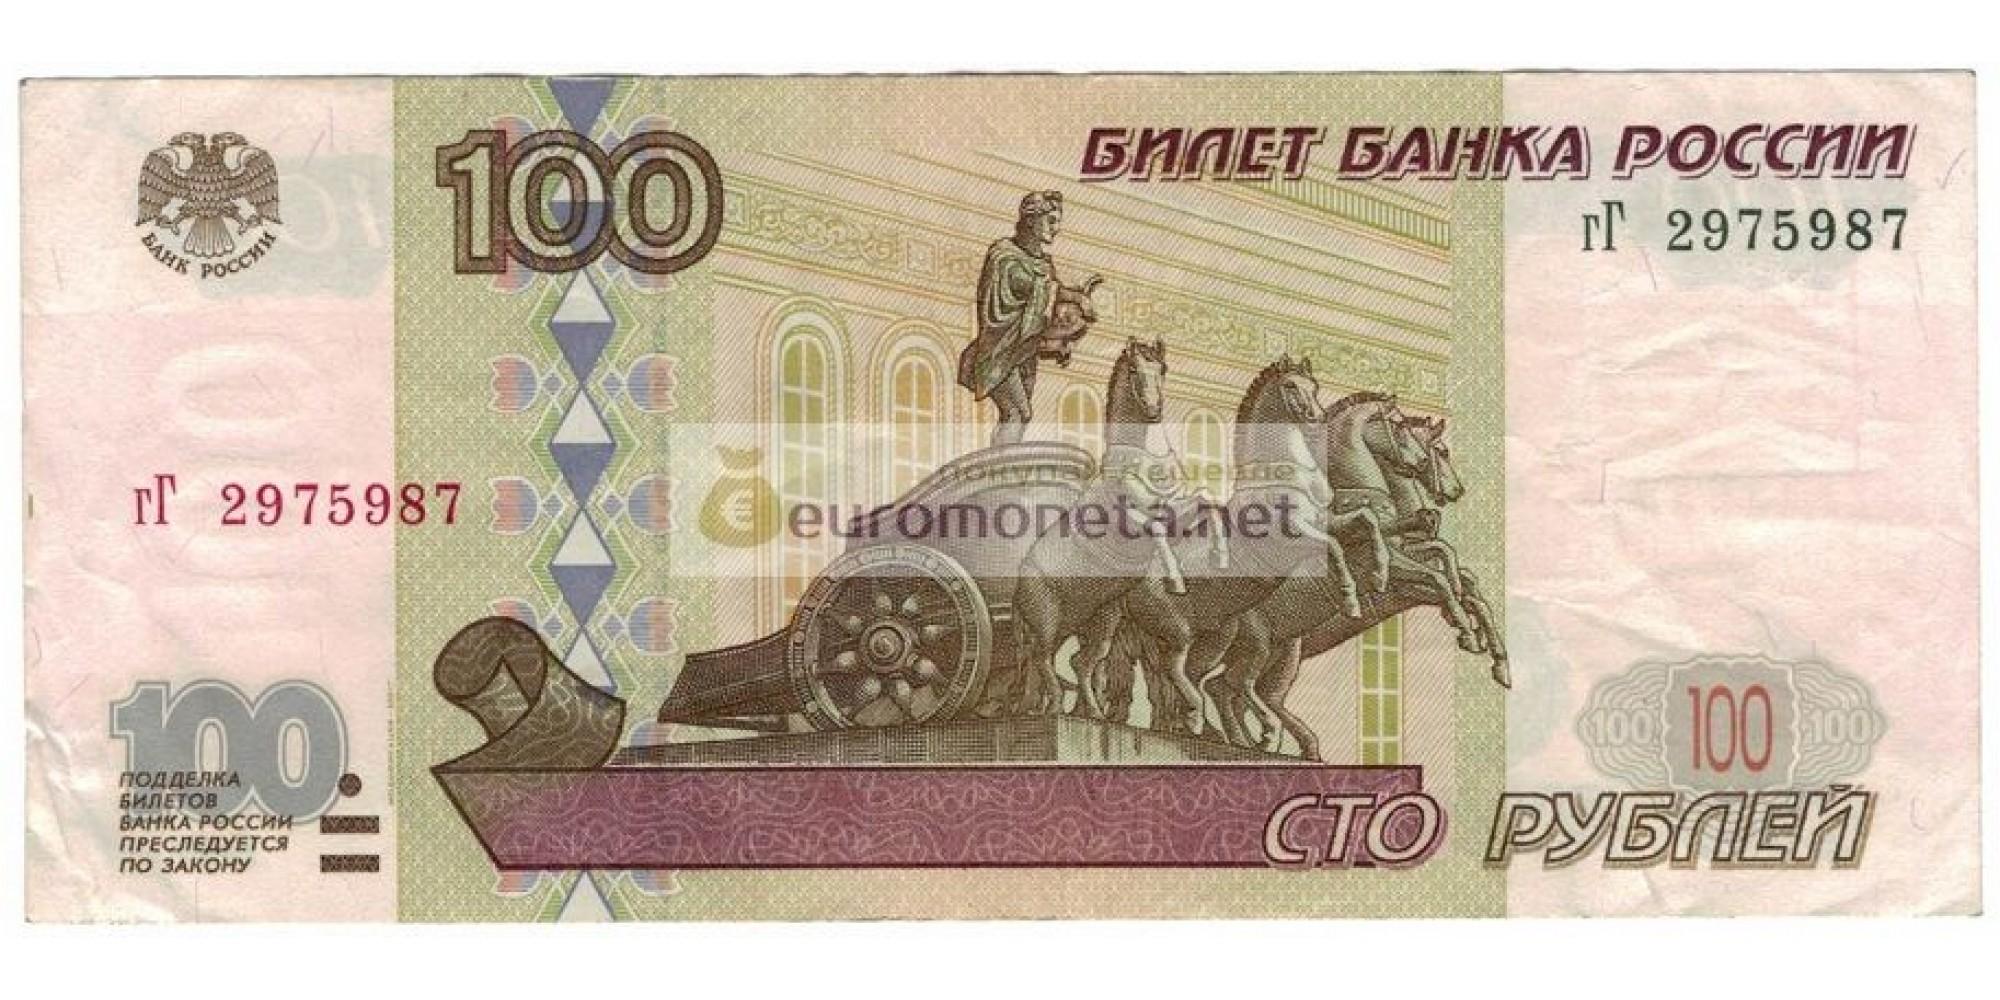 Россия 100 рублей 1997 год модификация 2001 год серия гГ 2975987